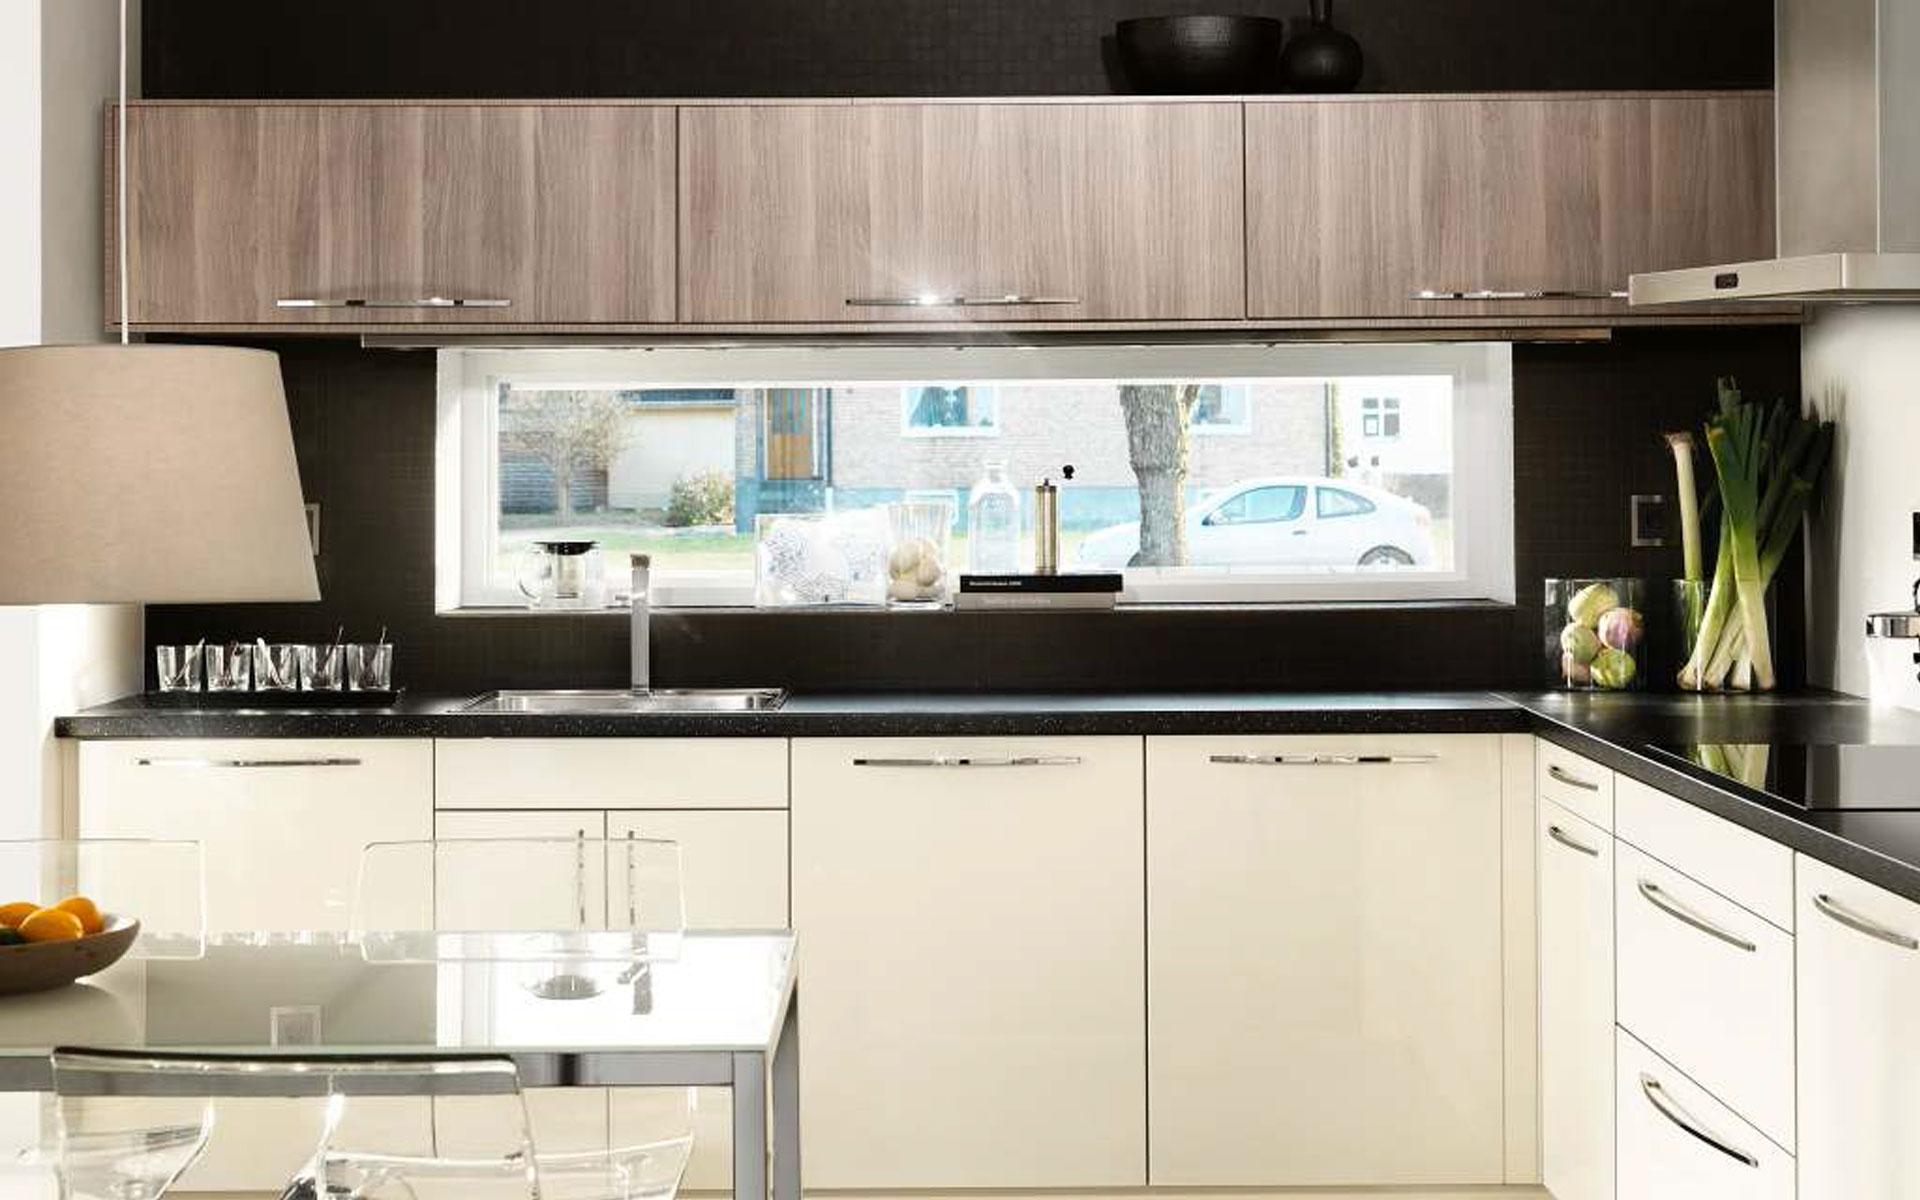 Хай-тек зачастую предполагает минимализм, в том числе и в интерьере кухни